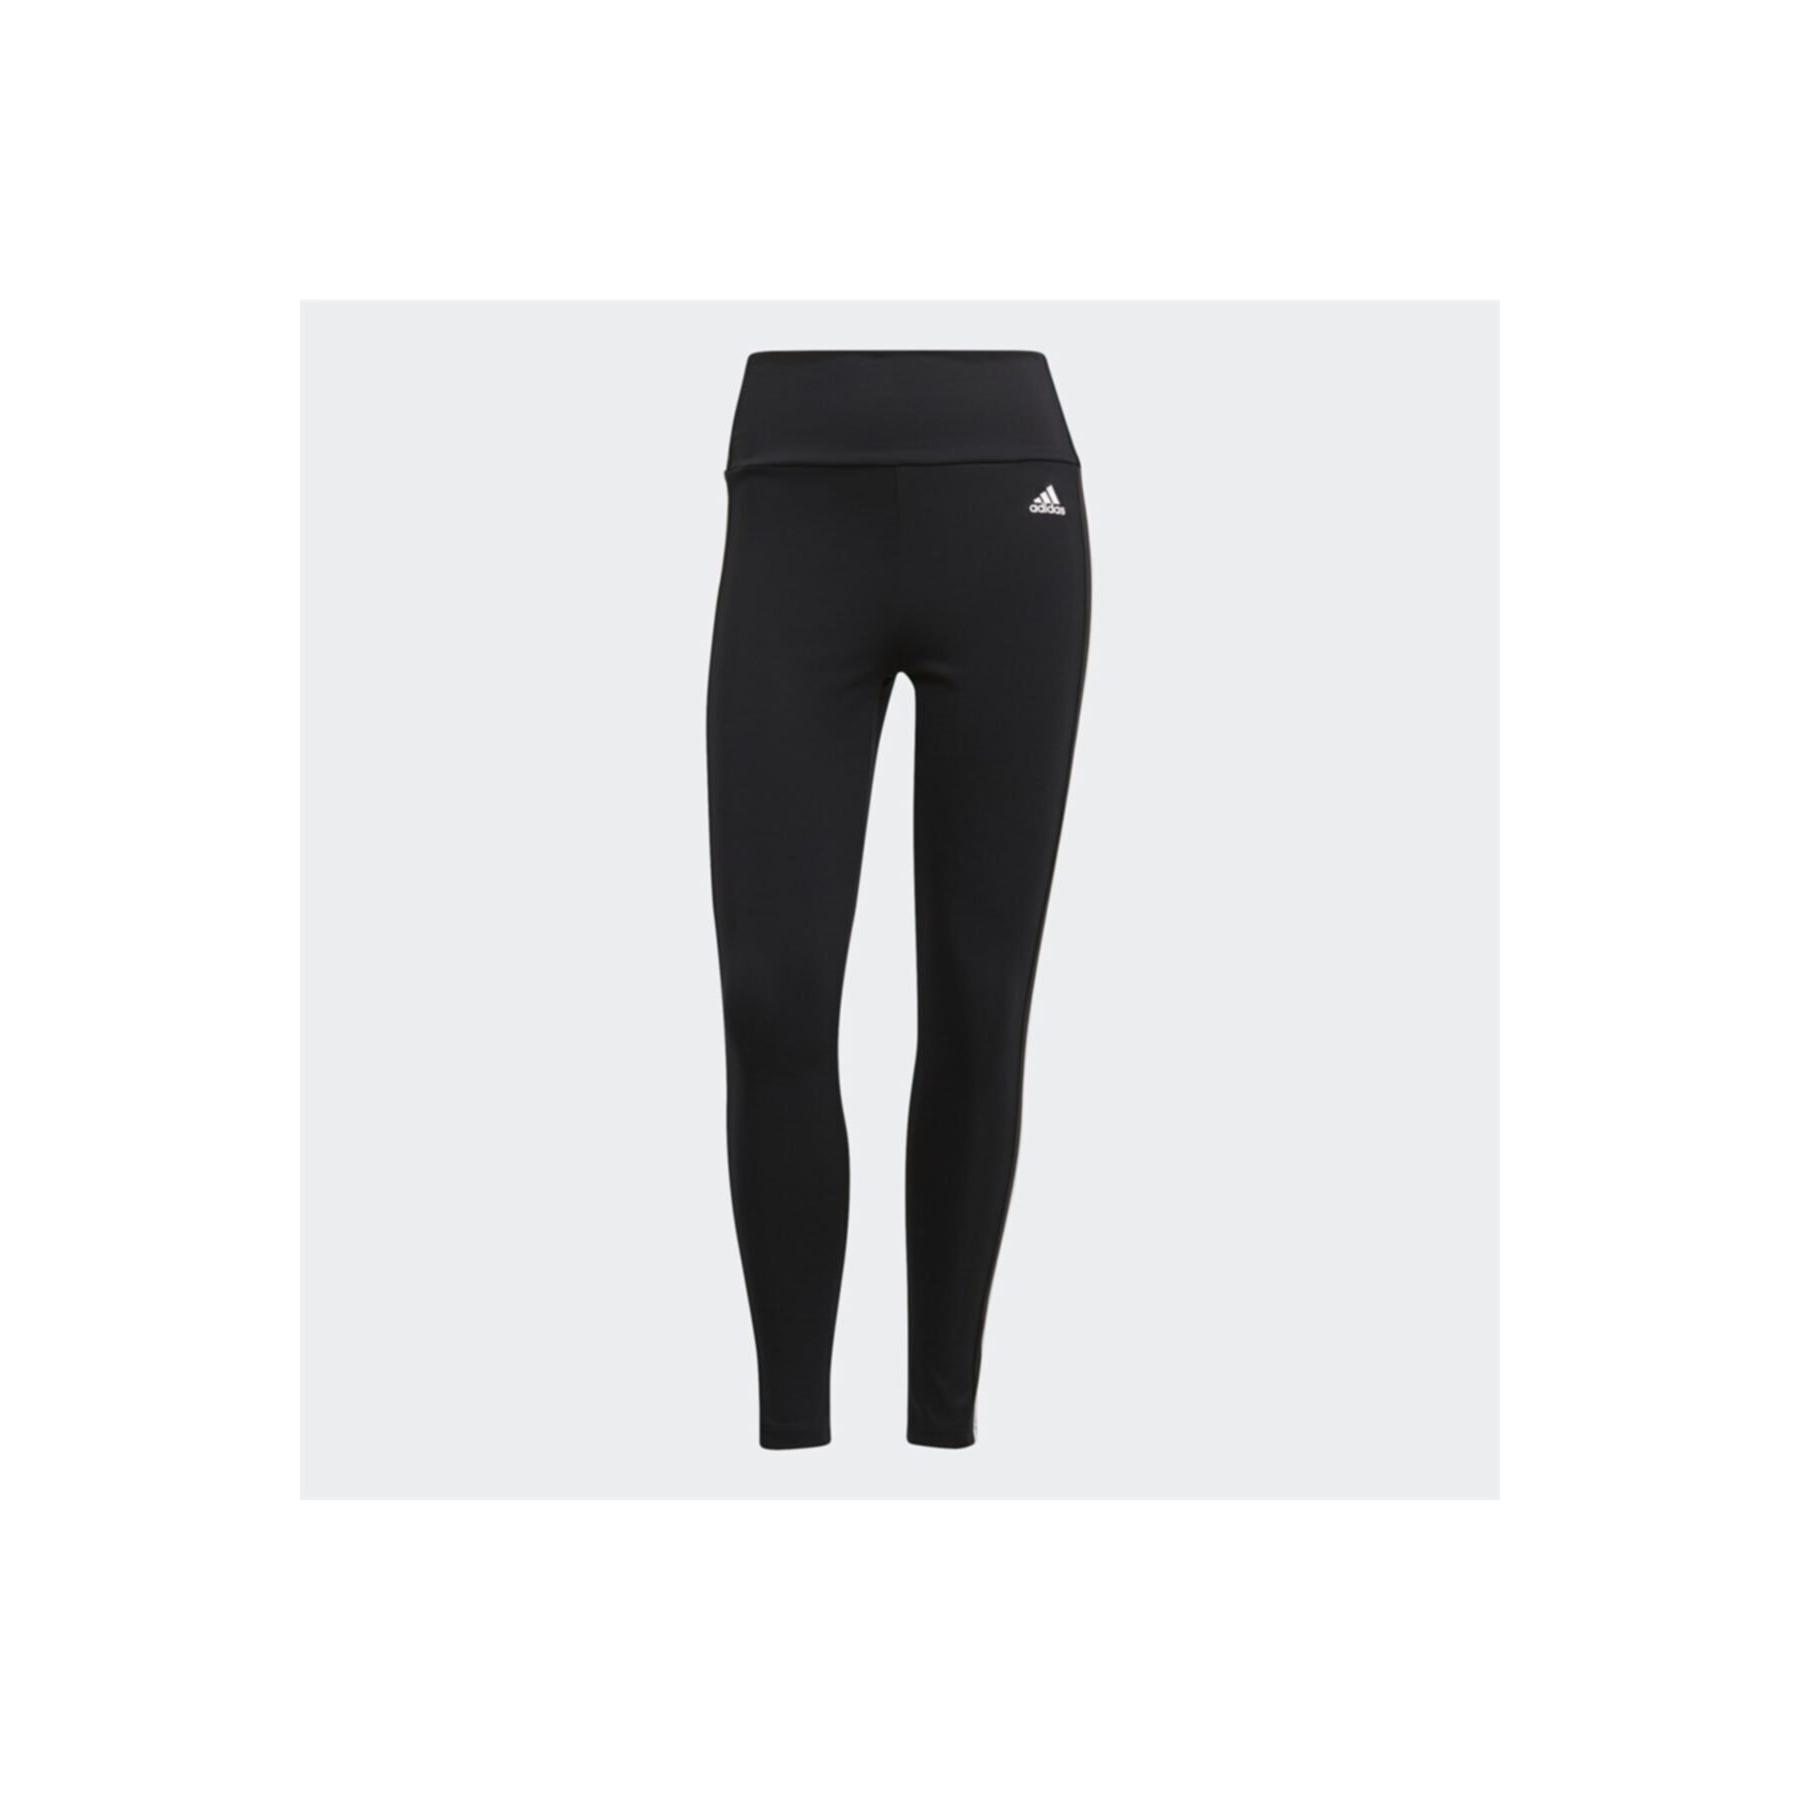 Designed To Move 3 Bantlı Yüksek Bel Kadın Siyah Tayt (GL4040)